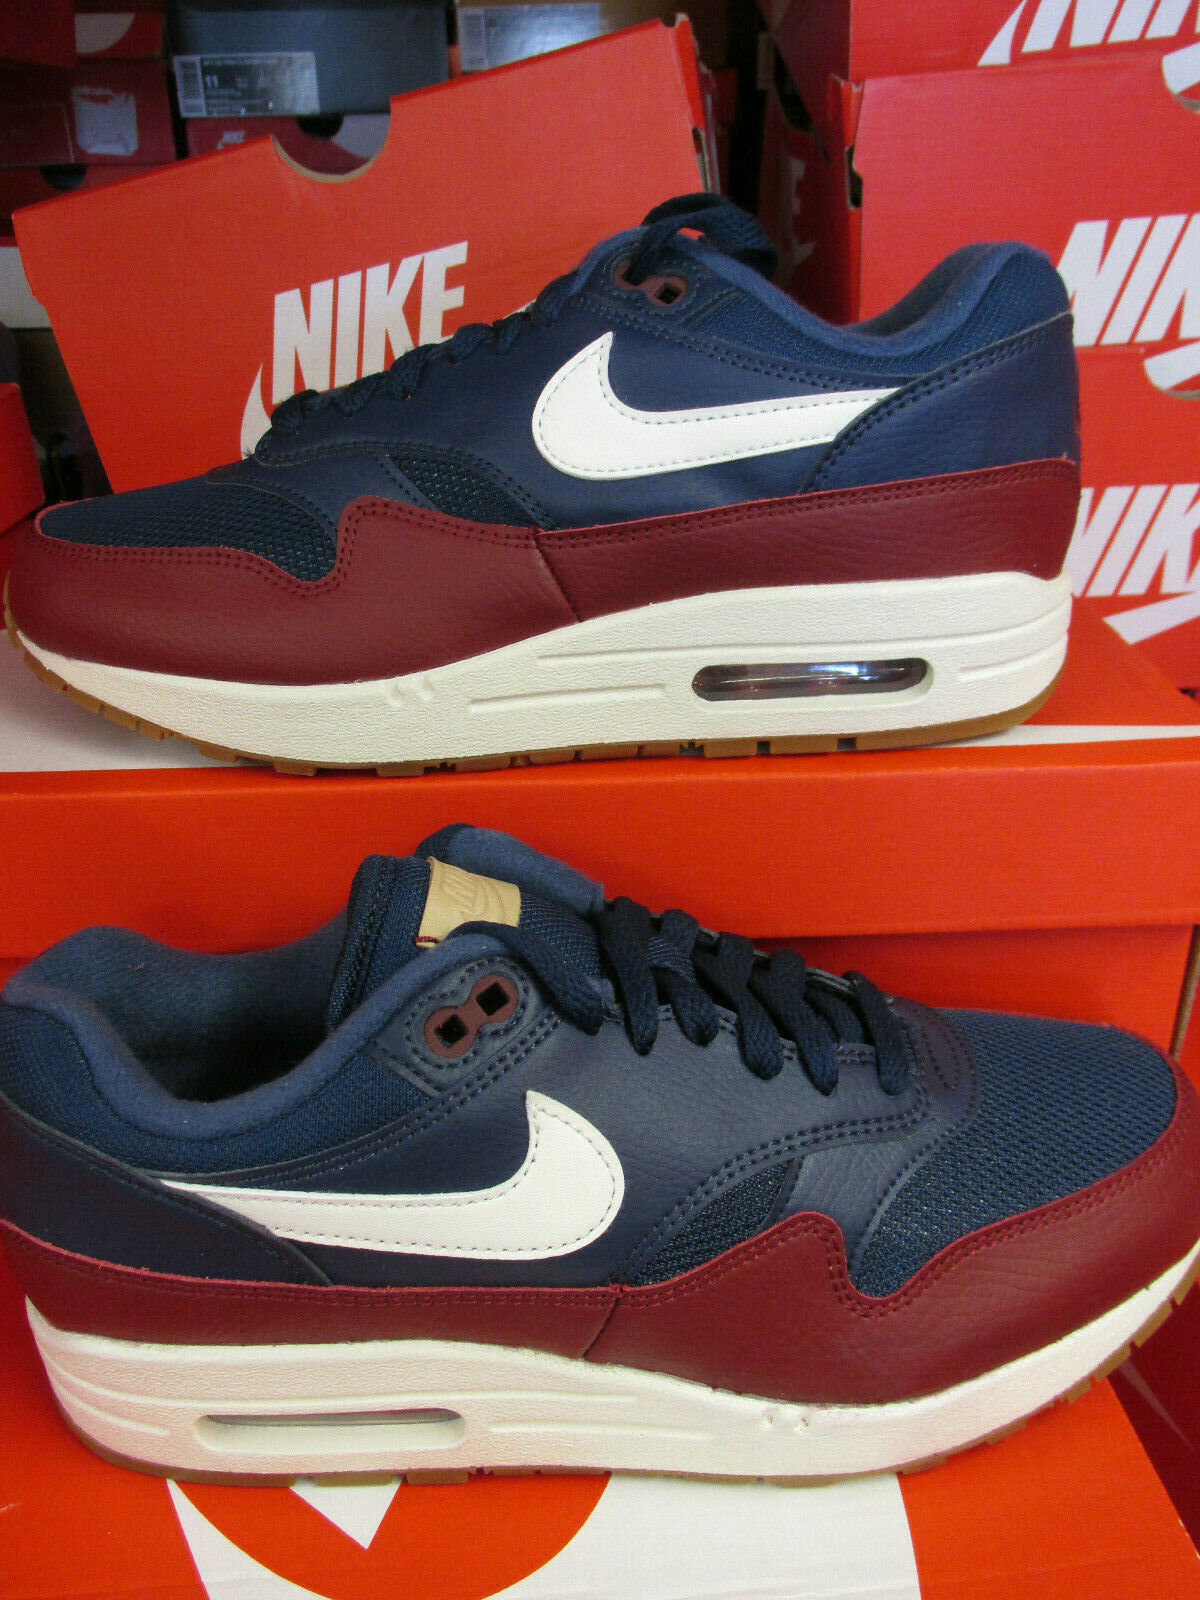 zapatillas hombre 1 Max Nike ah8145 Air limpias. están 400